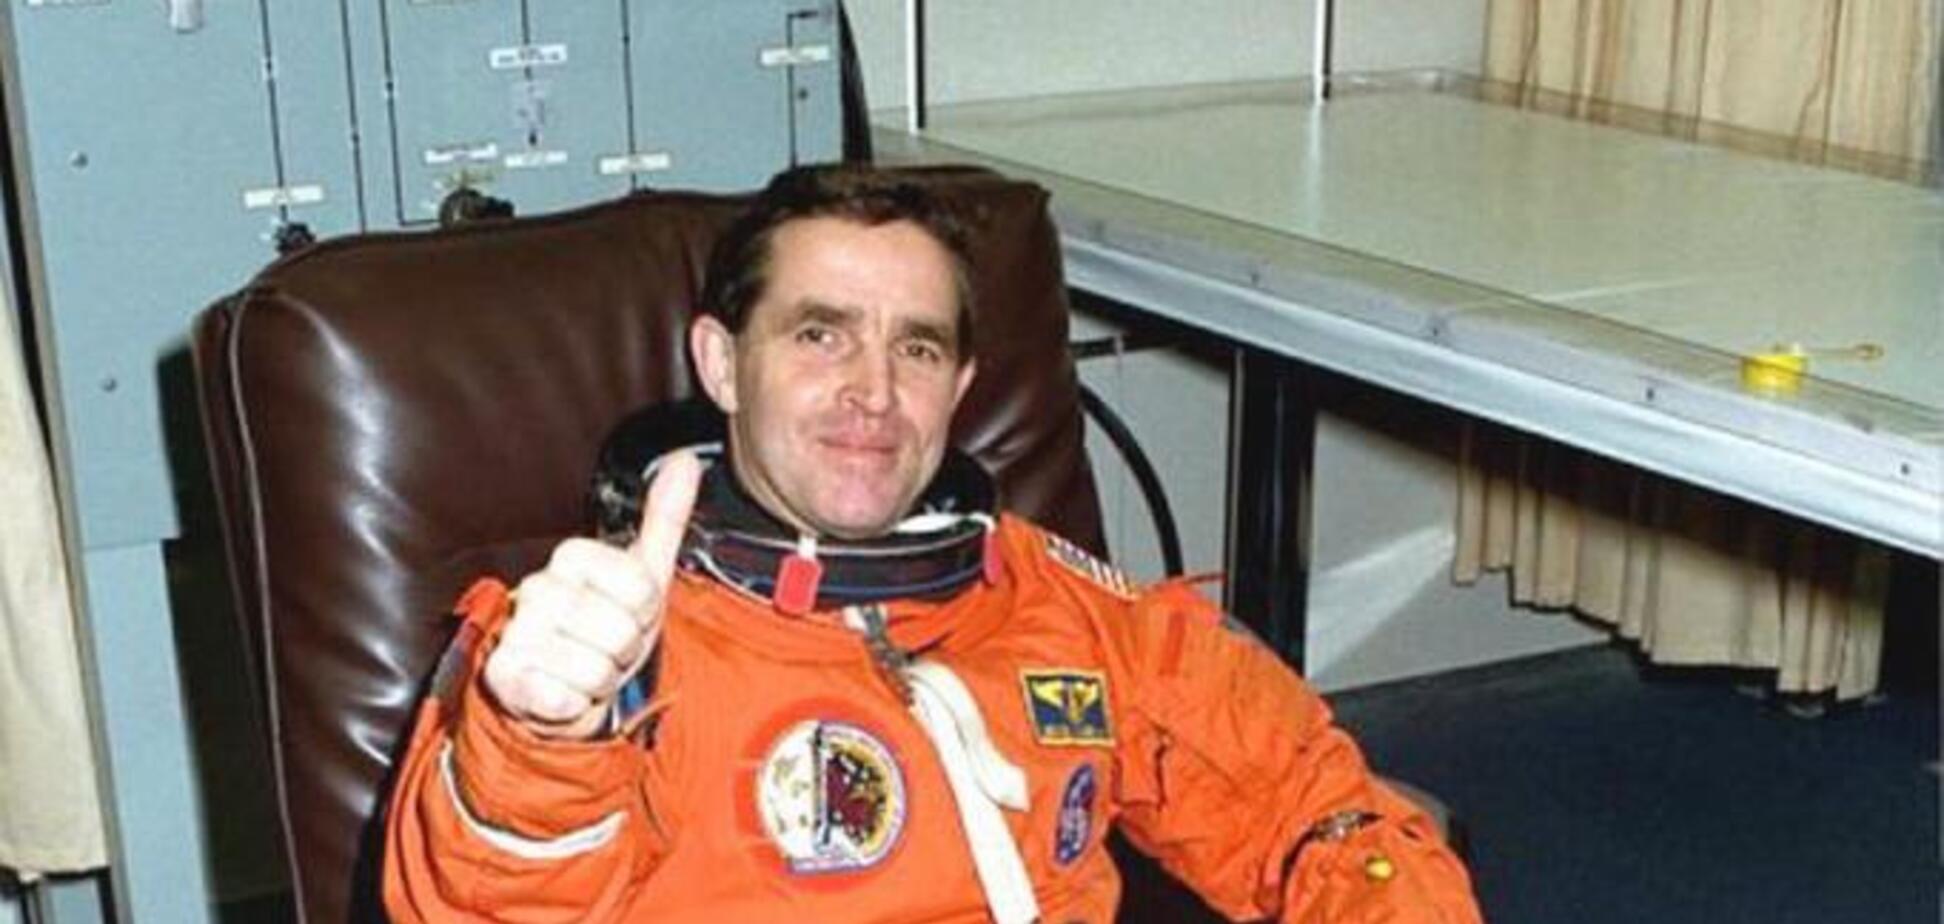 'Він наша легенда!' Зеленський з гордістю згадав першого українця в космосі